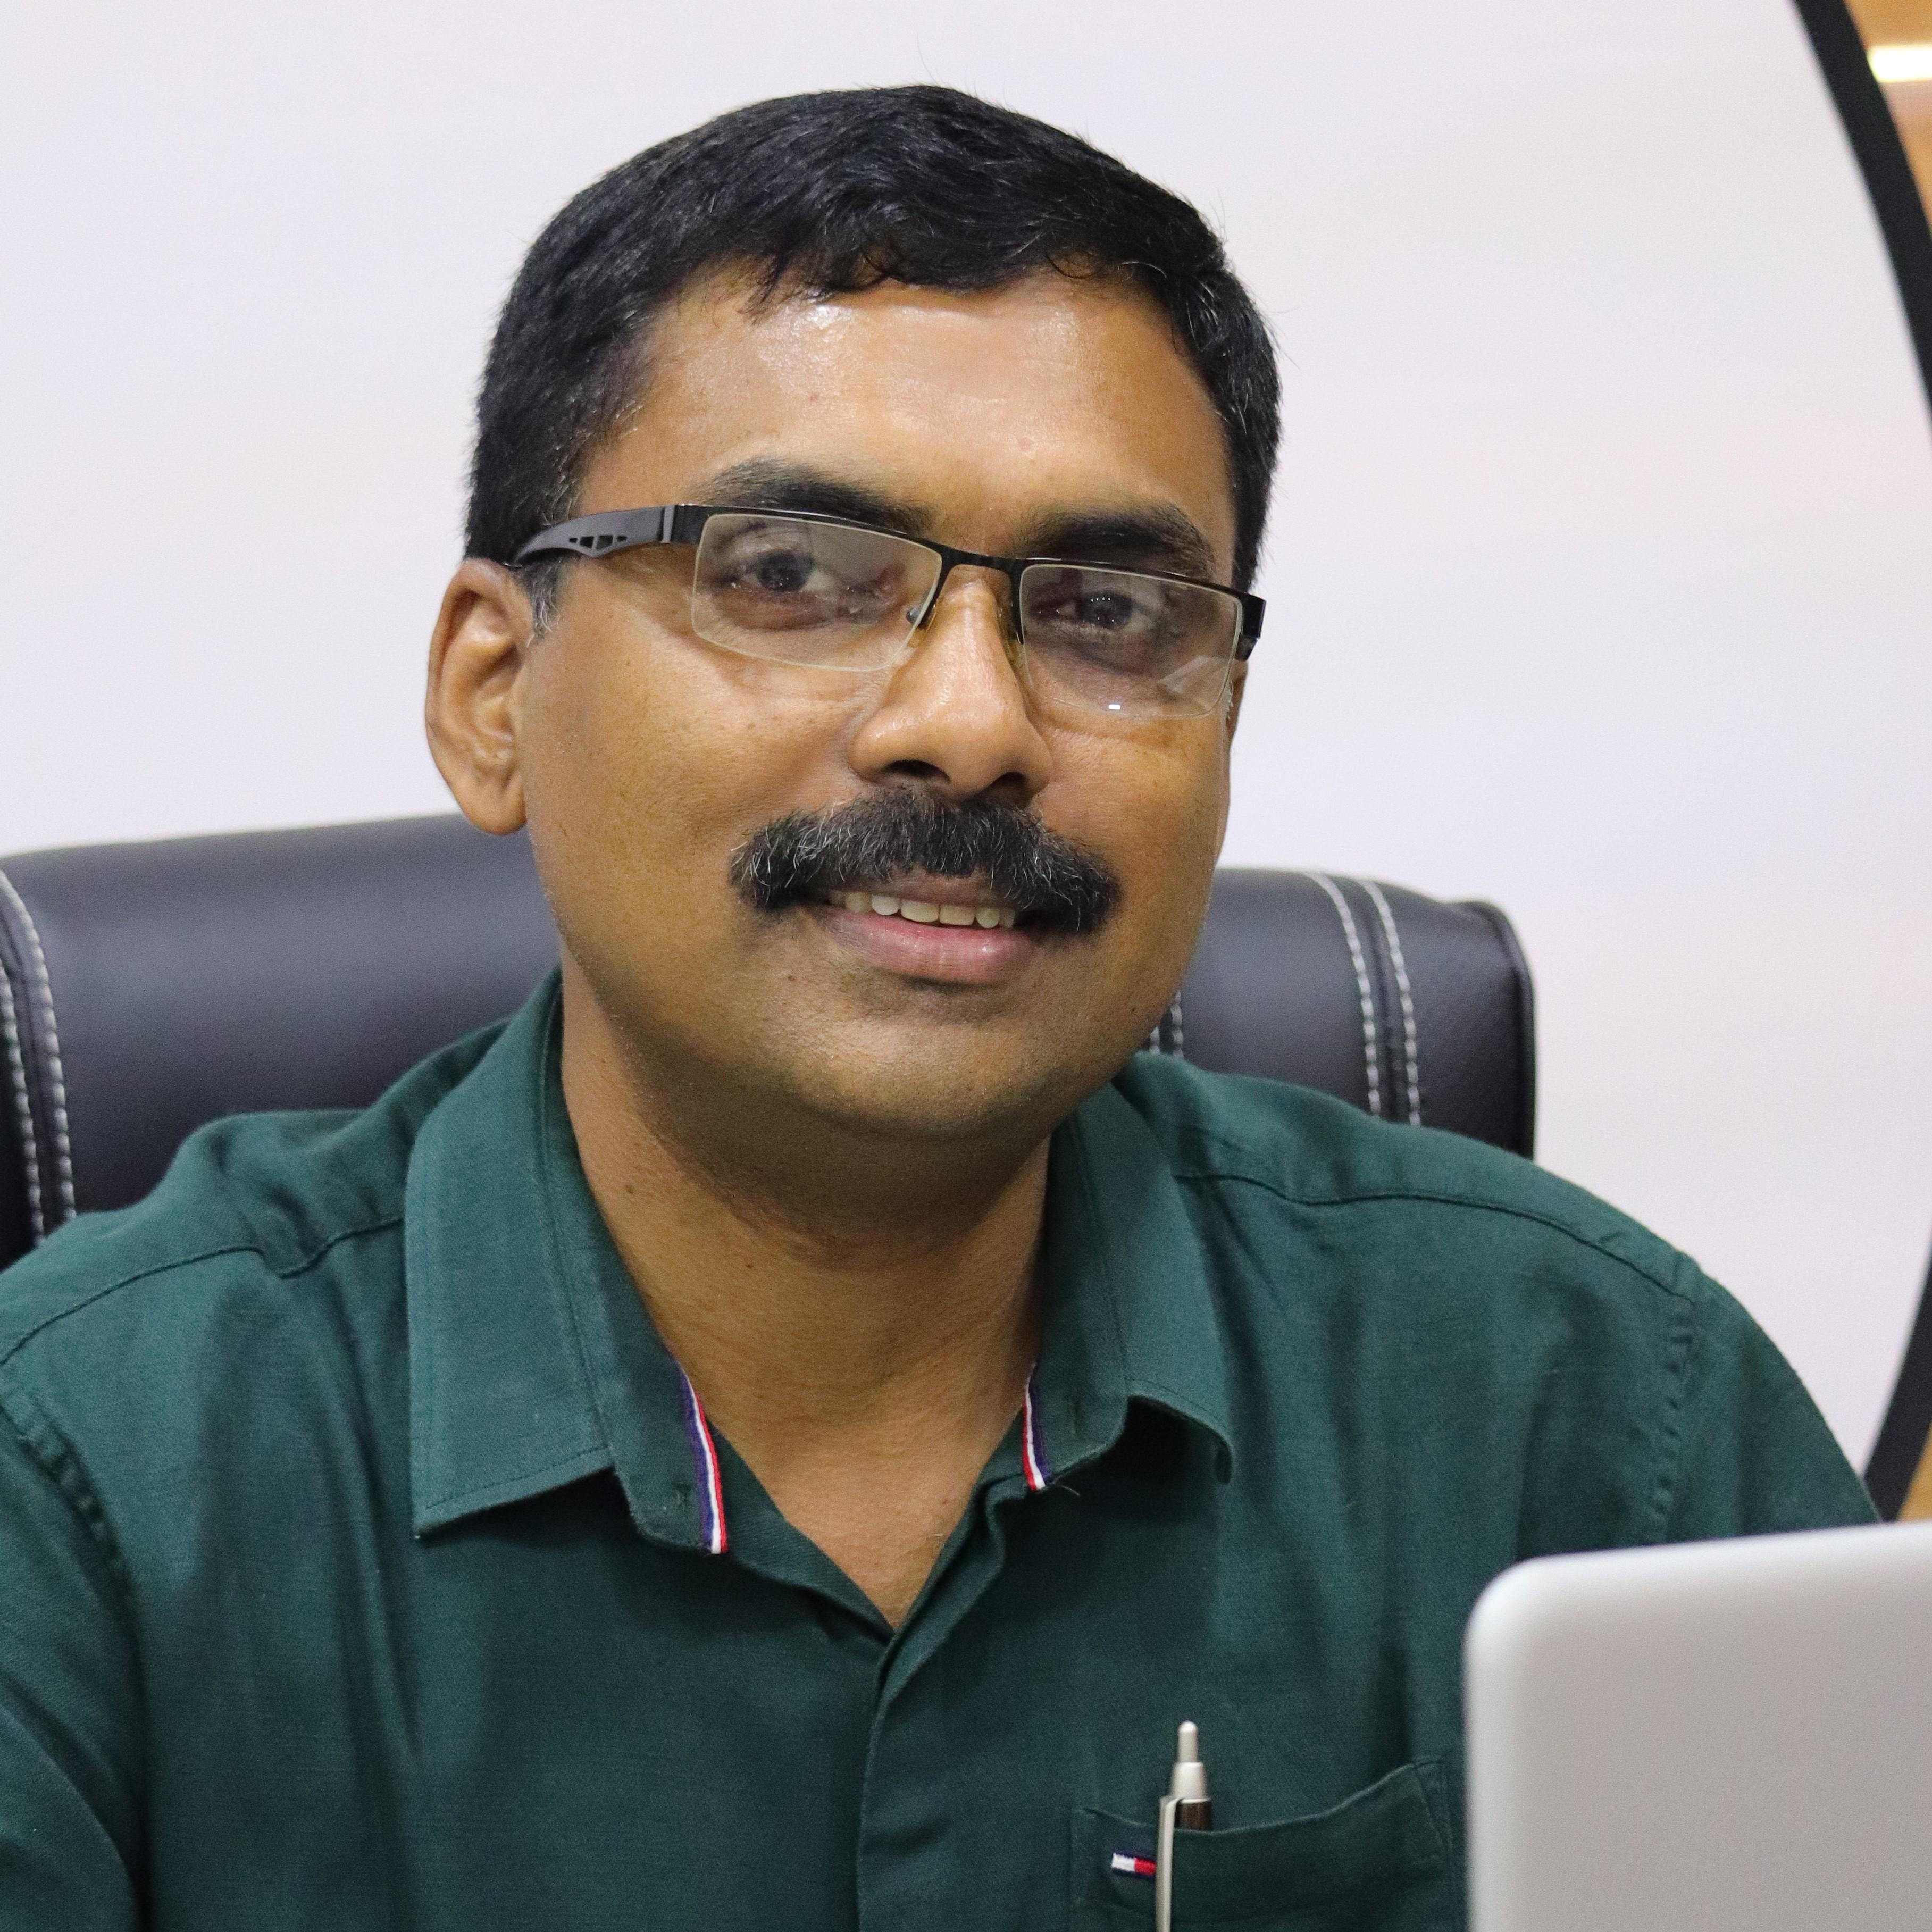 Dr. A Mujeeb